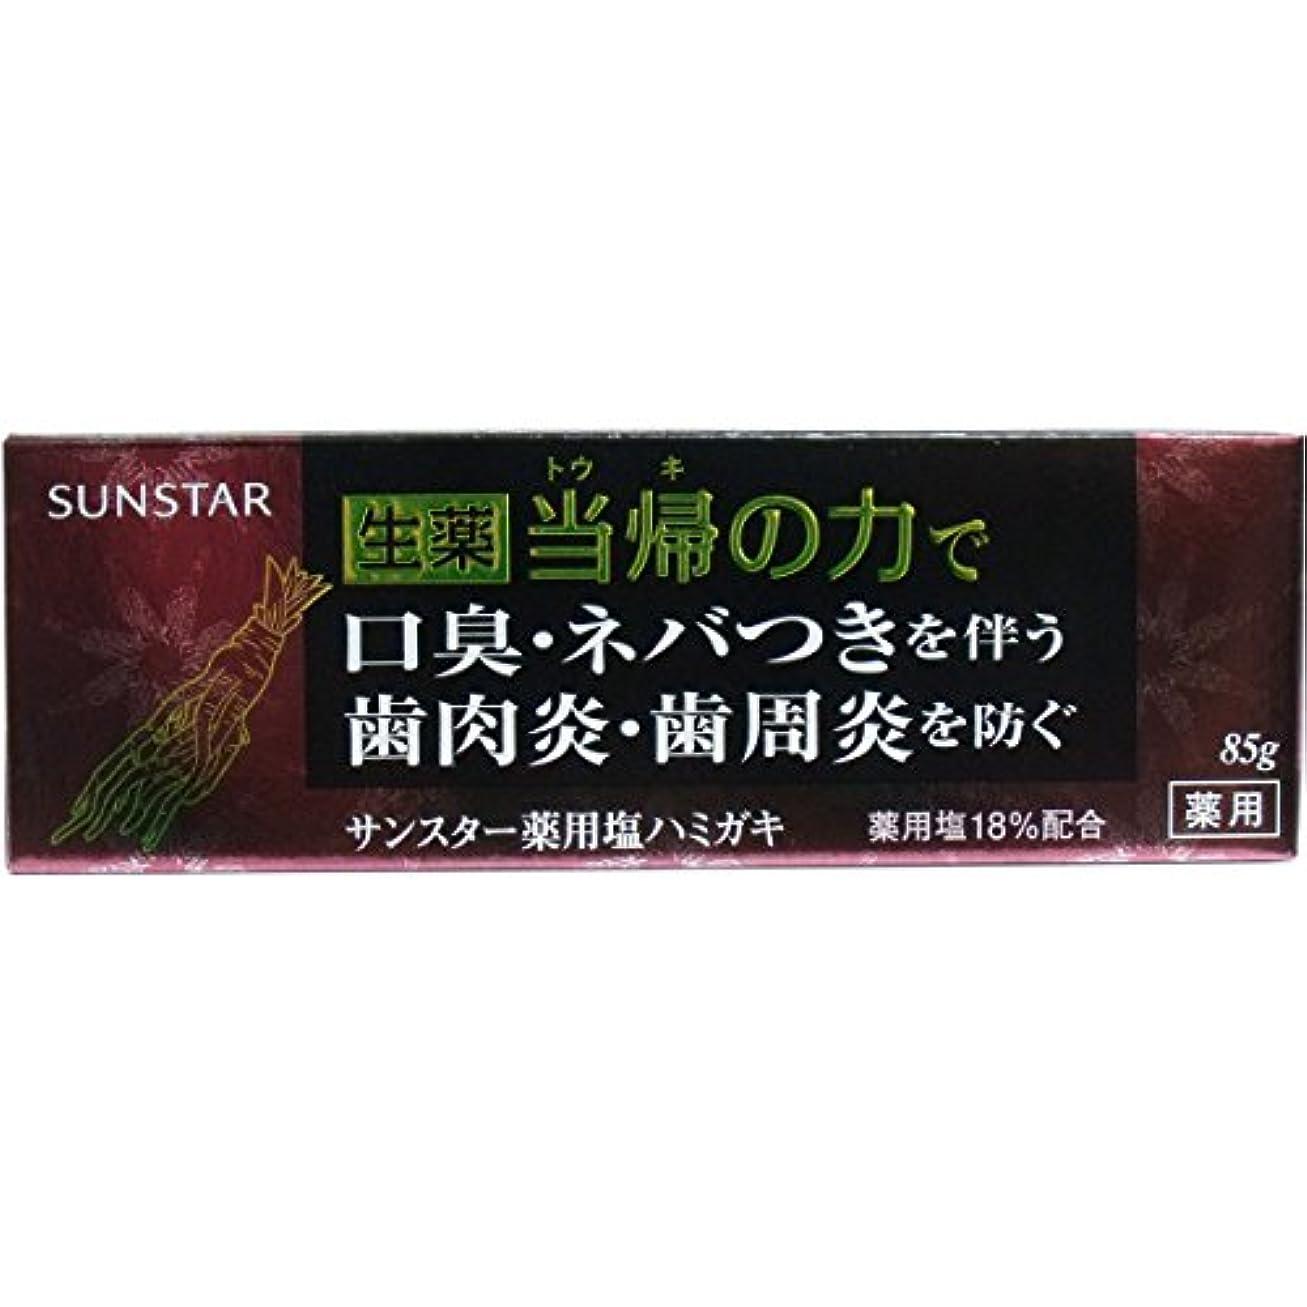 【まとめ買い】サンスター 薬用 ハミガキ 生薬 当帰の力 85g ×2セット